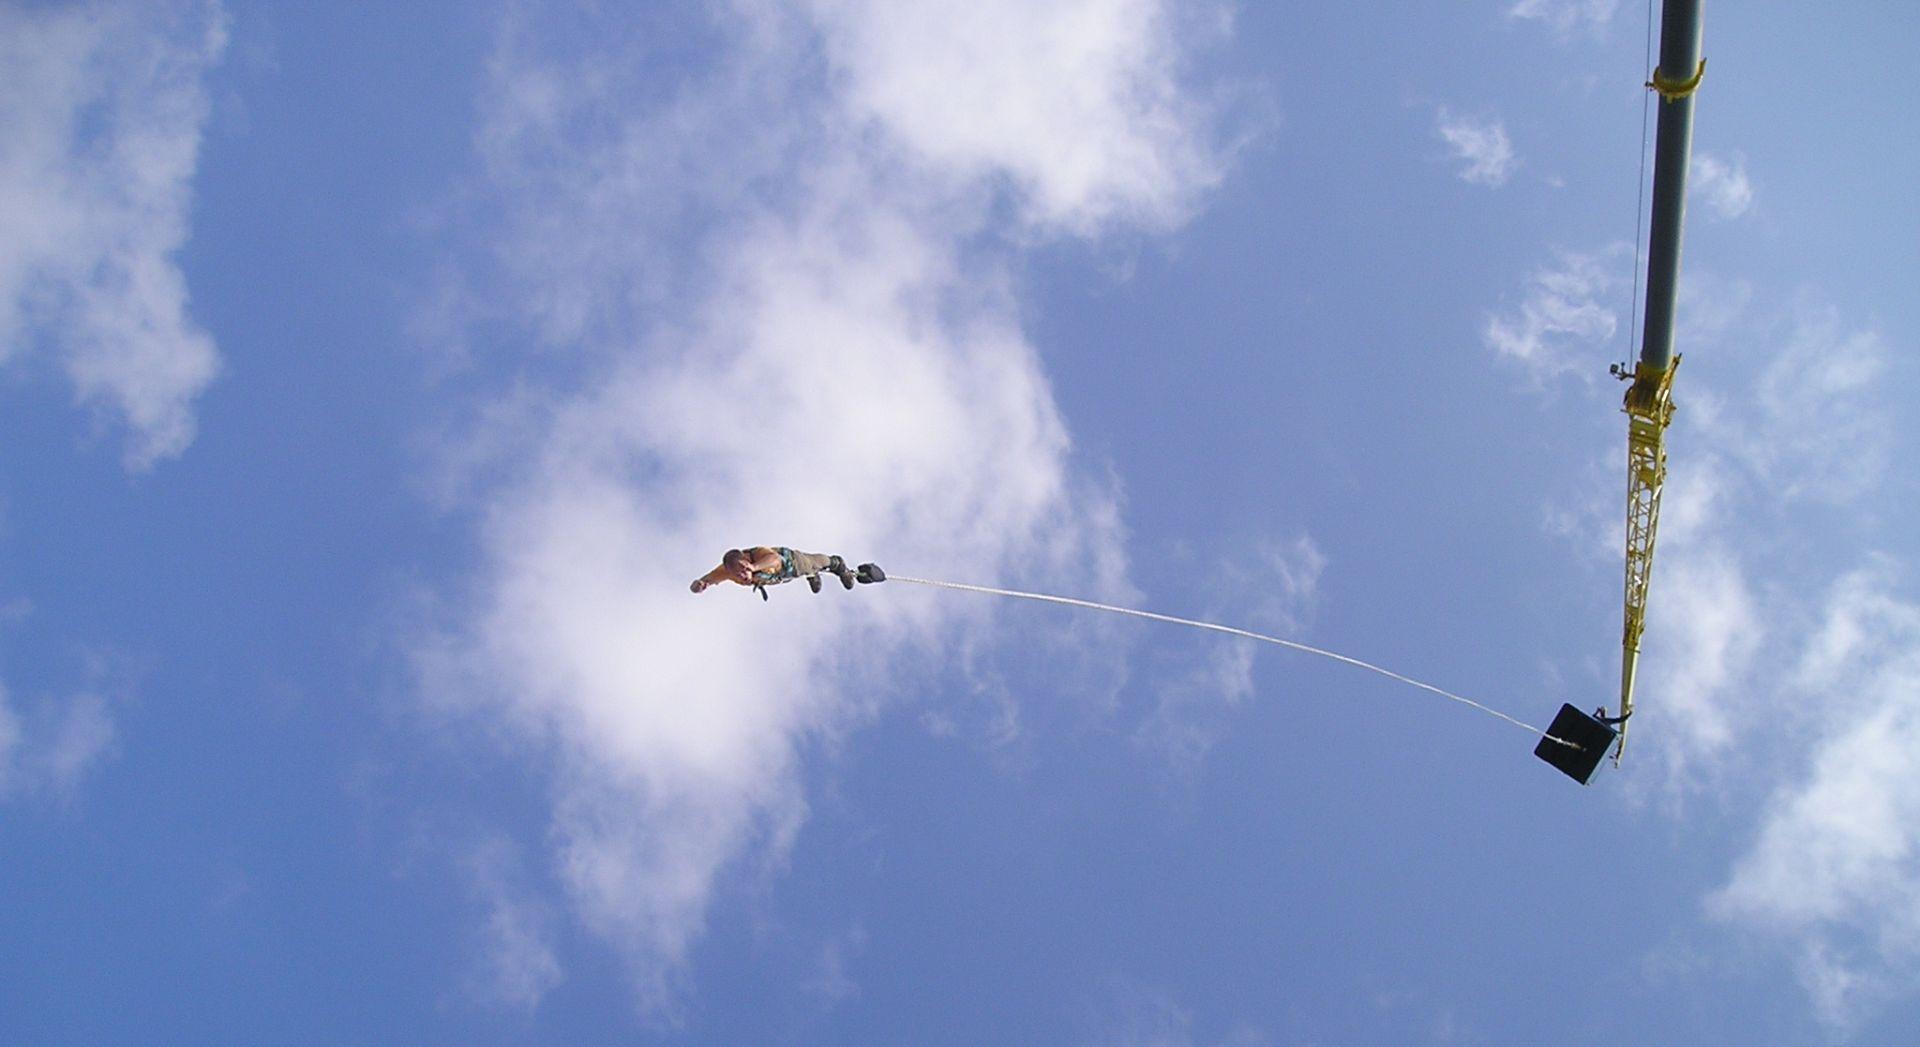 DRUGA SMRT TURISTA U ŠPANJOLSKOJ Mlada Nizozemka poginula u bungee jumpingu